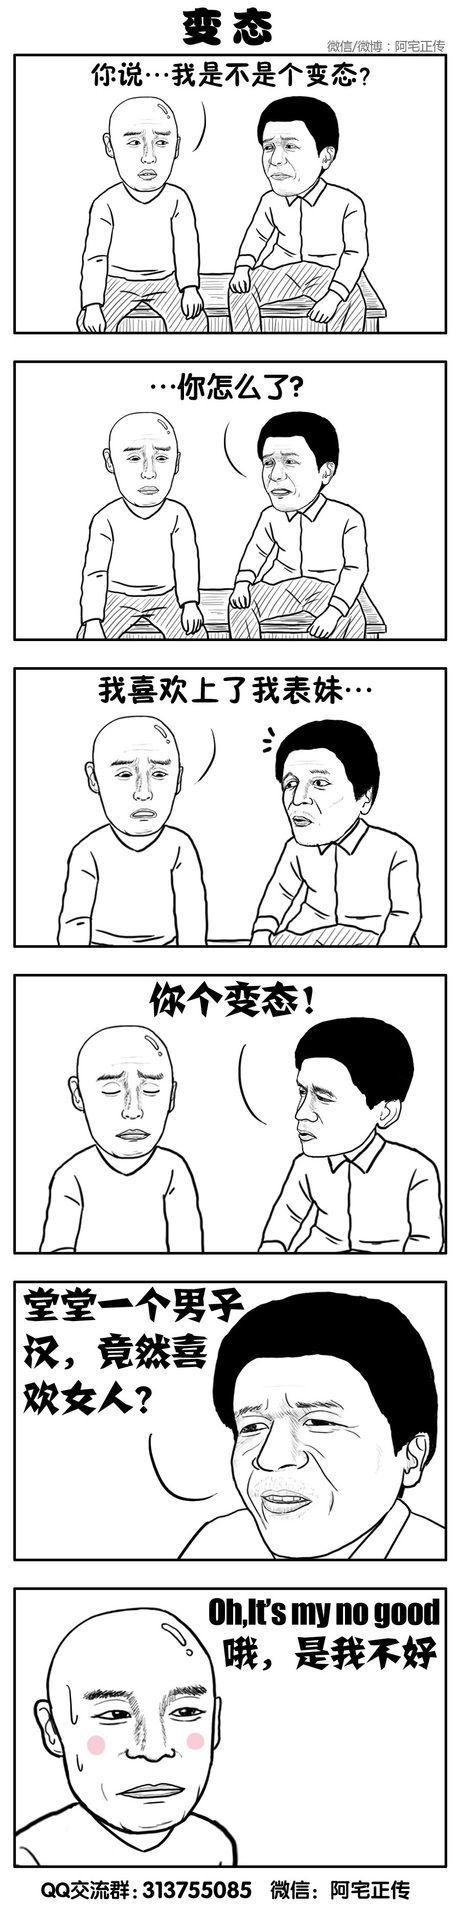 暴走漫画:睡前要讲个老汉推车的故事(29)